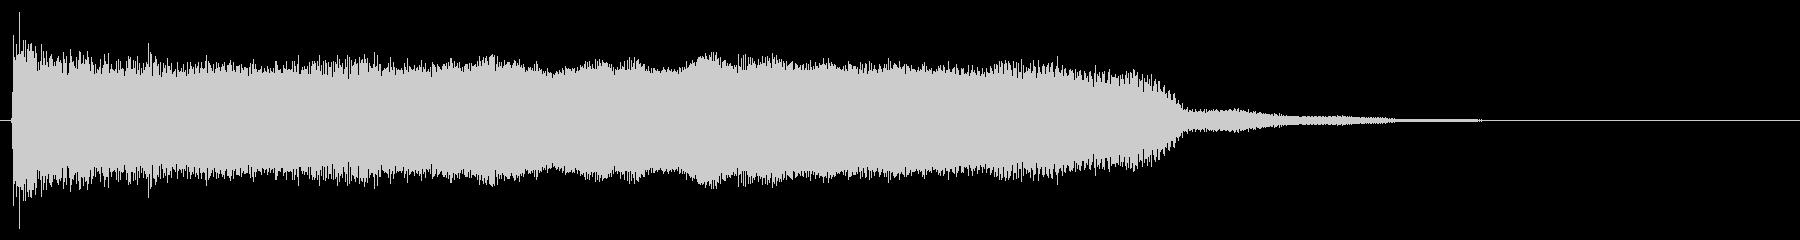 エレキギター サウンドロゴ 勇壮の未再生の波形